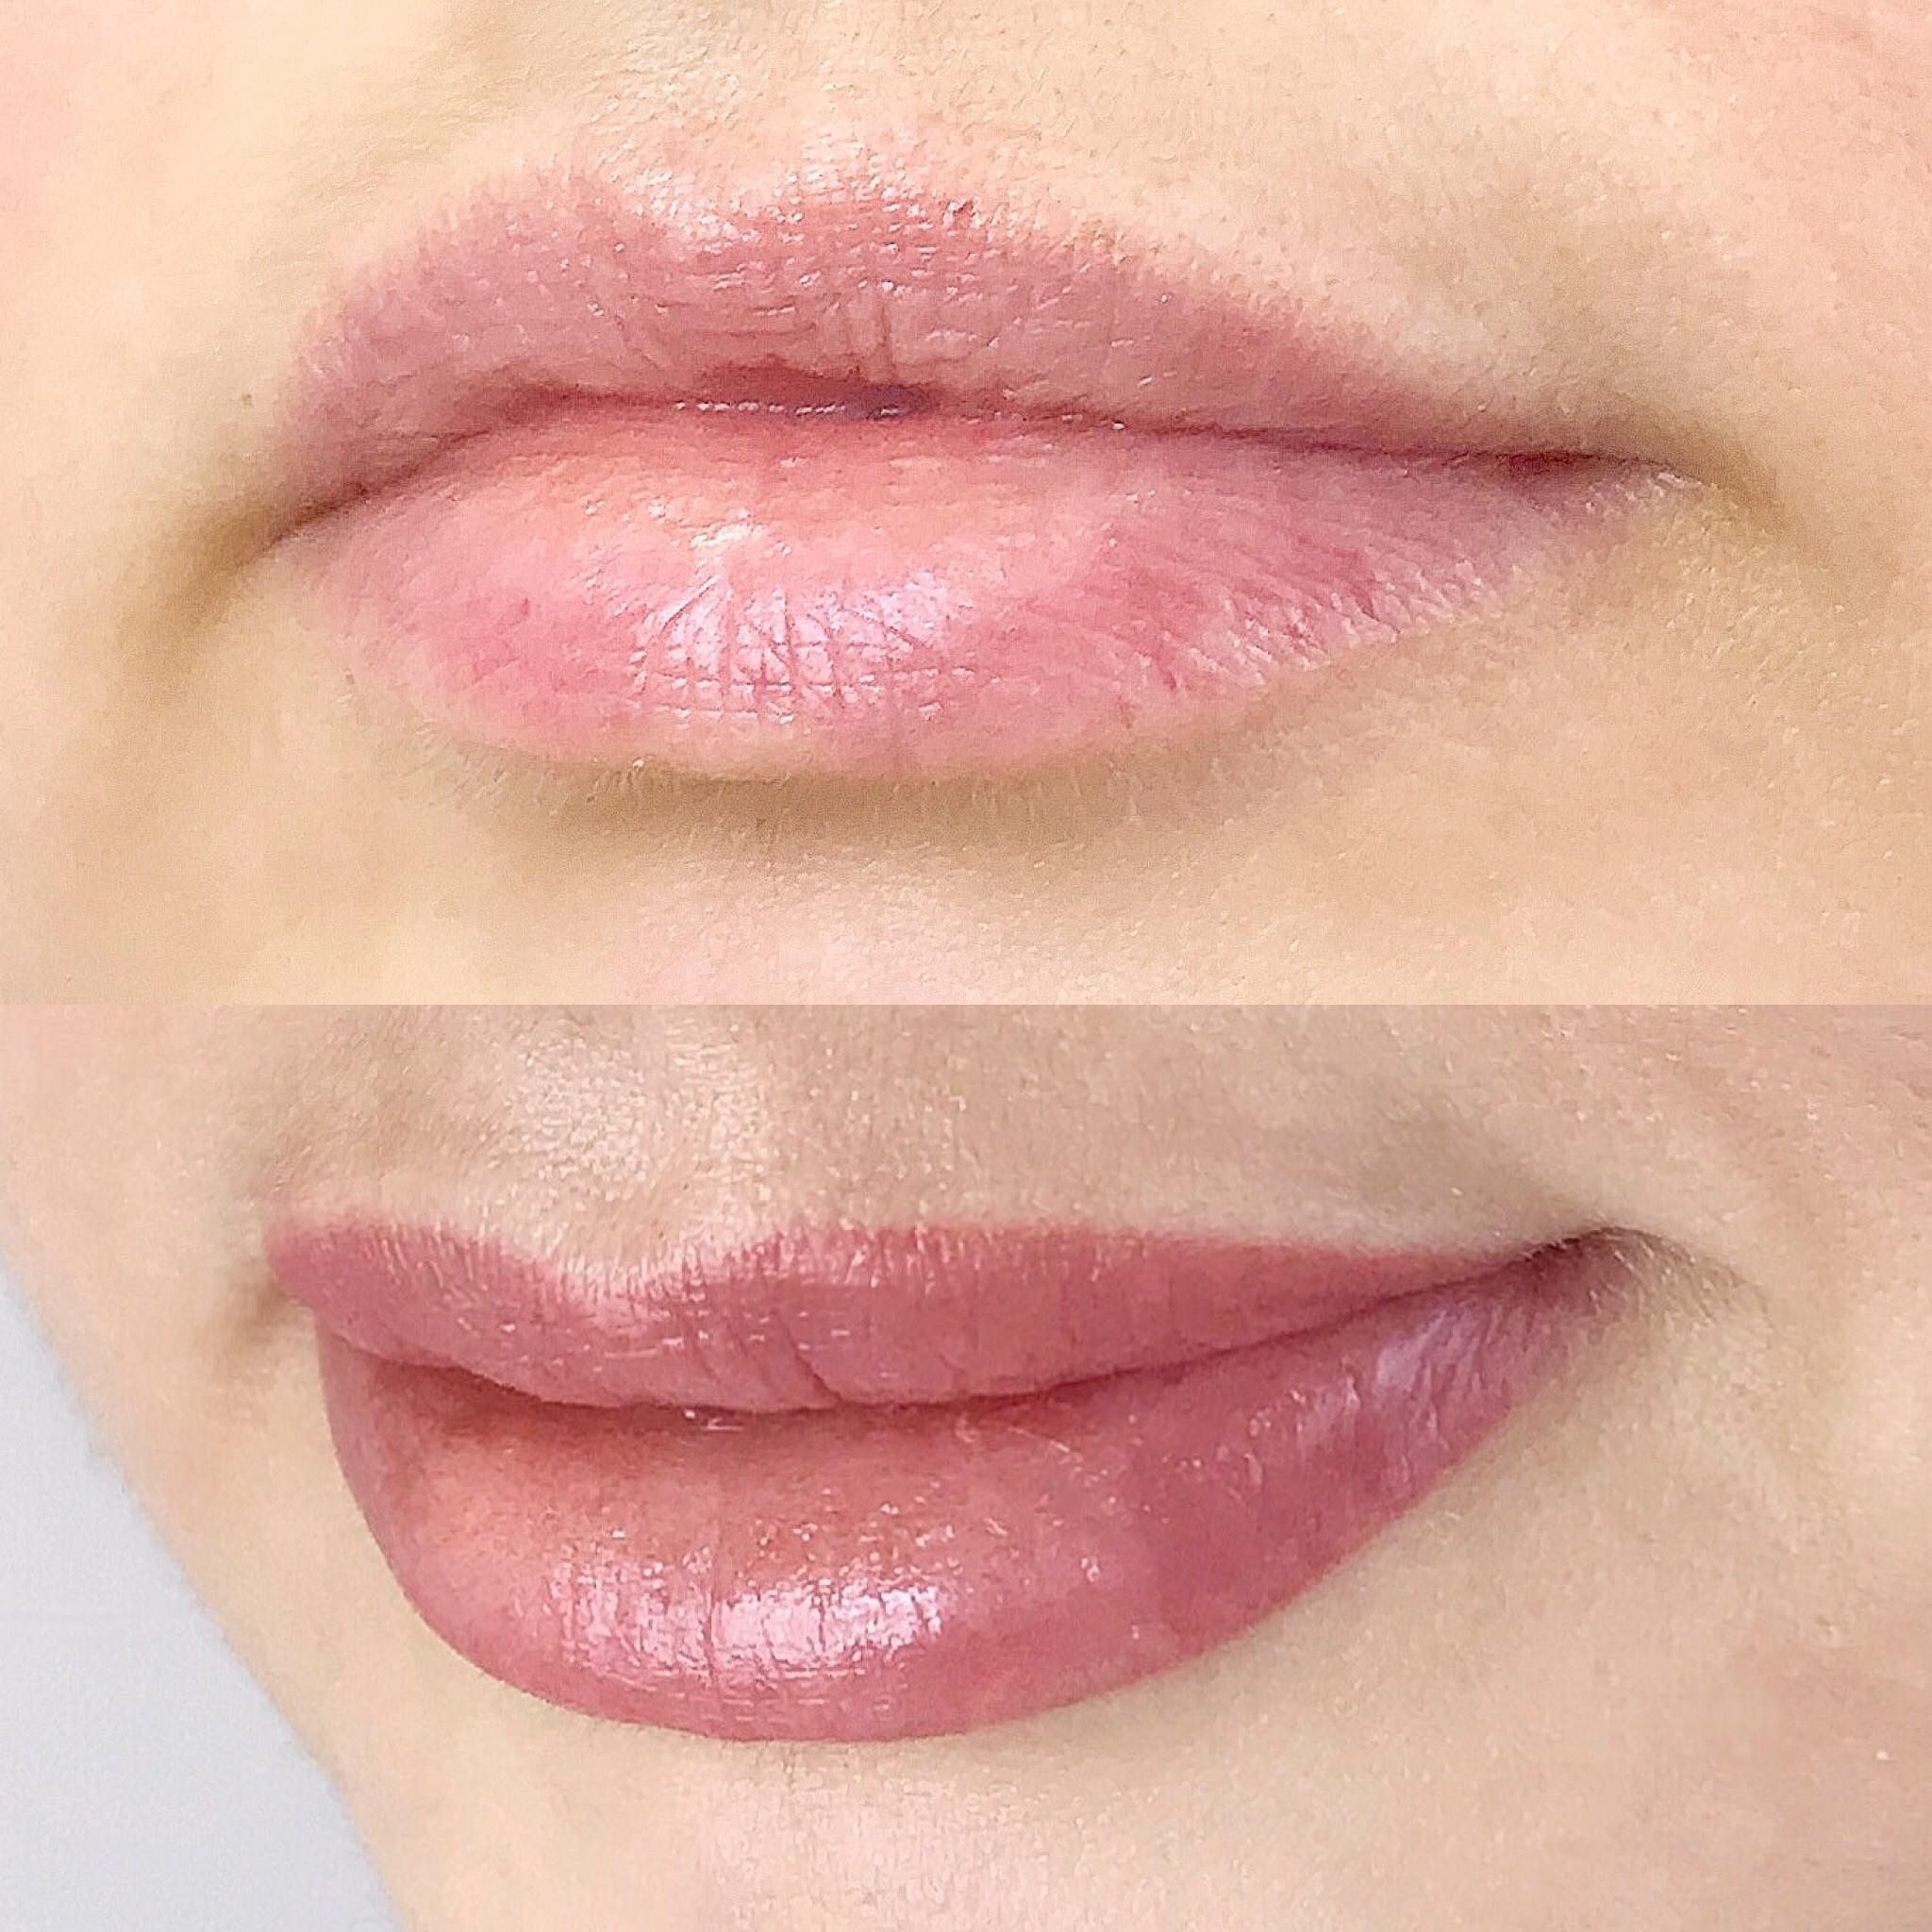 Татуаж губ: виды, фото до и после. отзывы женщин о процедуре